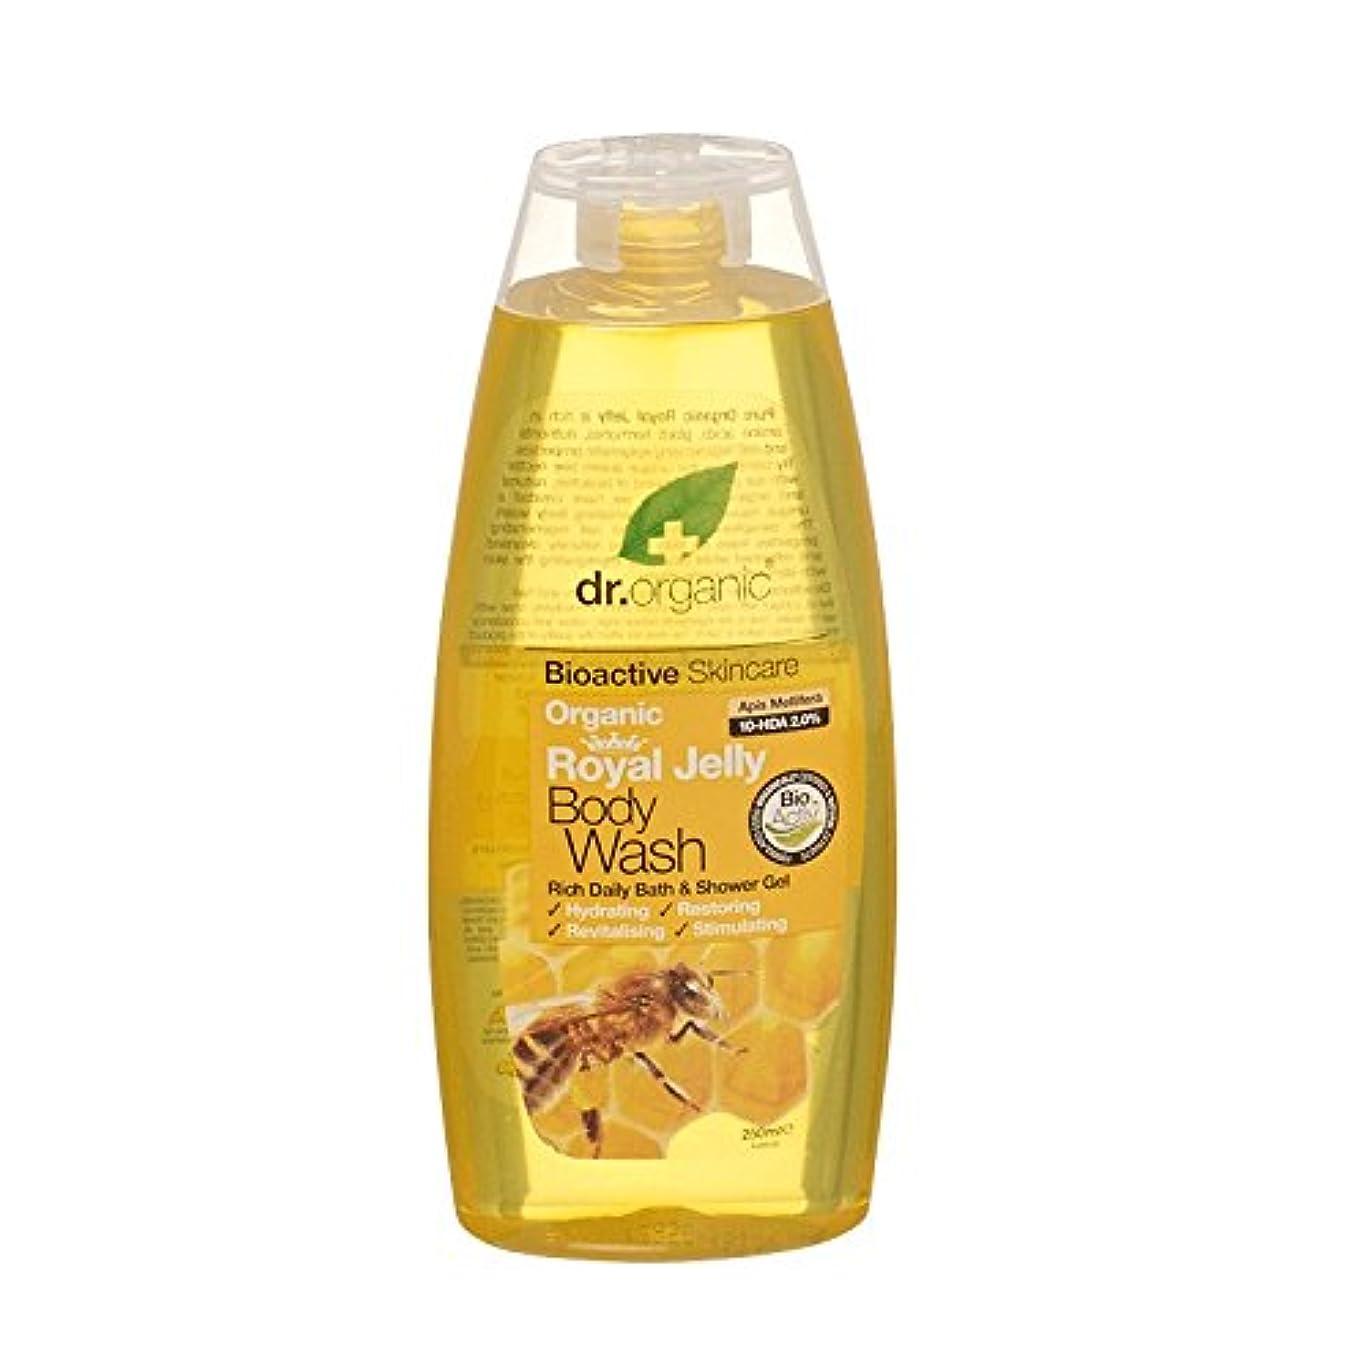 流センチメートル悪用Dr Organic Royal Jelly Body Wash (Pack of 2) - Dr有機ローヤルゼリーボディウォッシュ (x2) [並行輸入品]